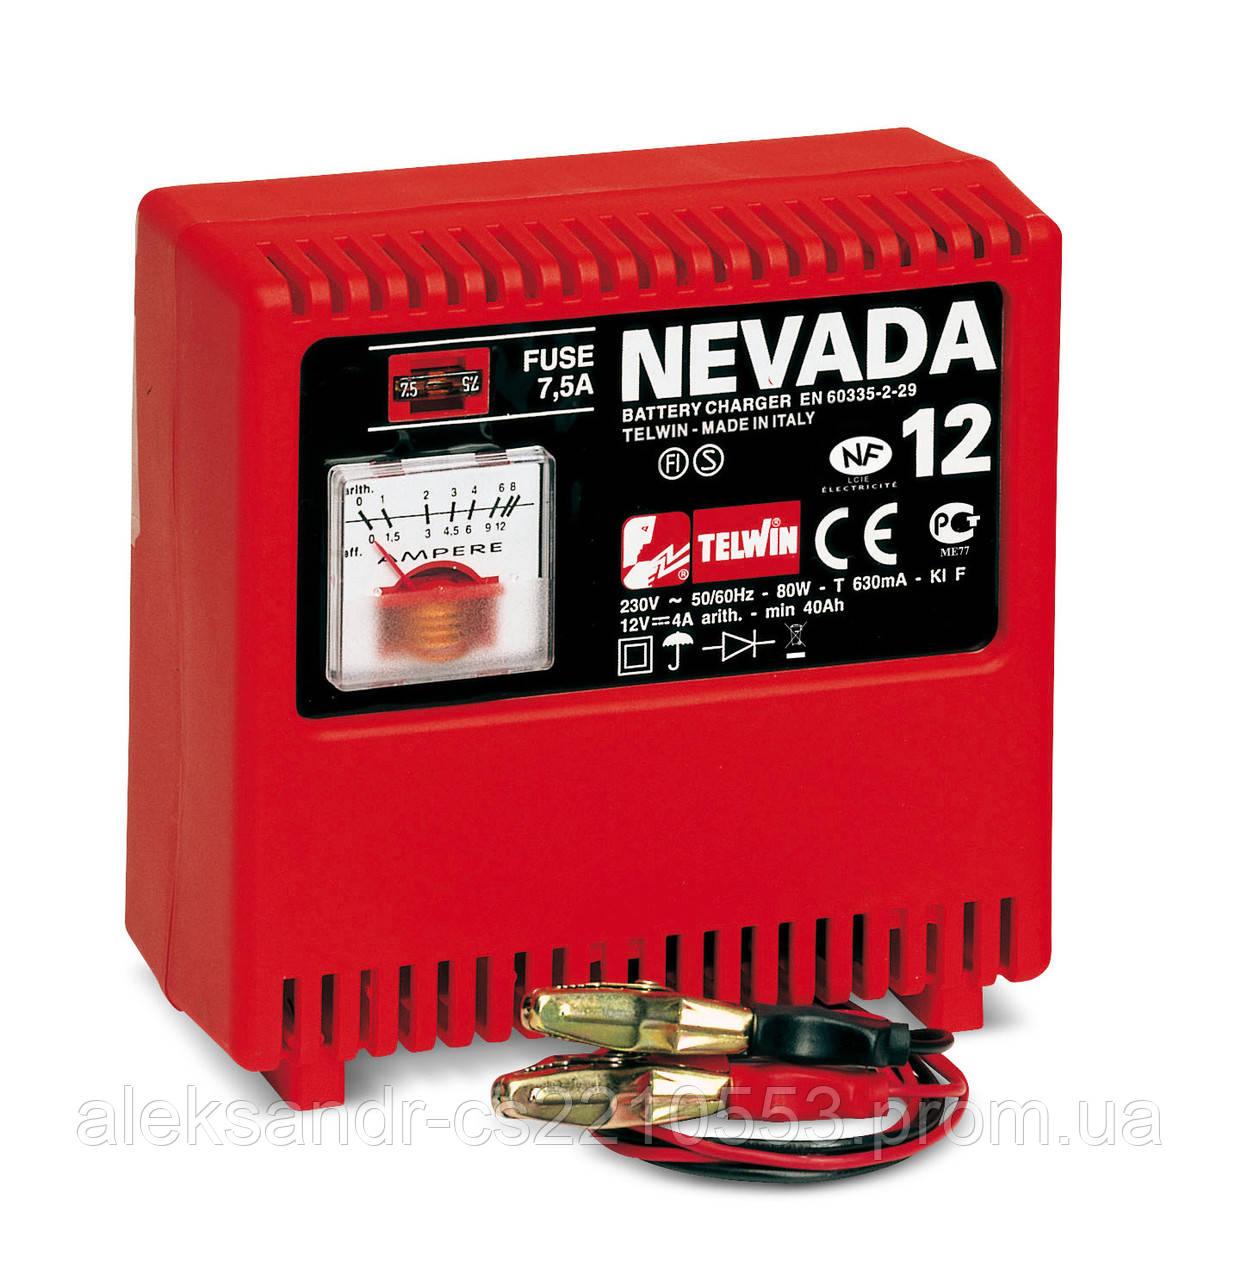 Telwin Nevada 12 - Зарядное устройство